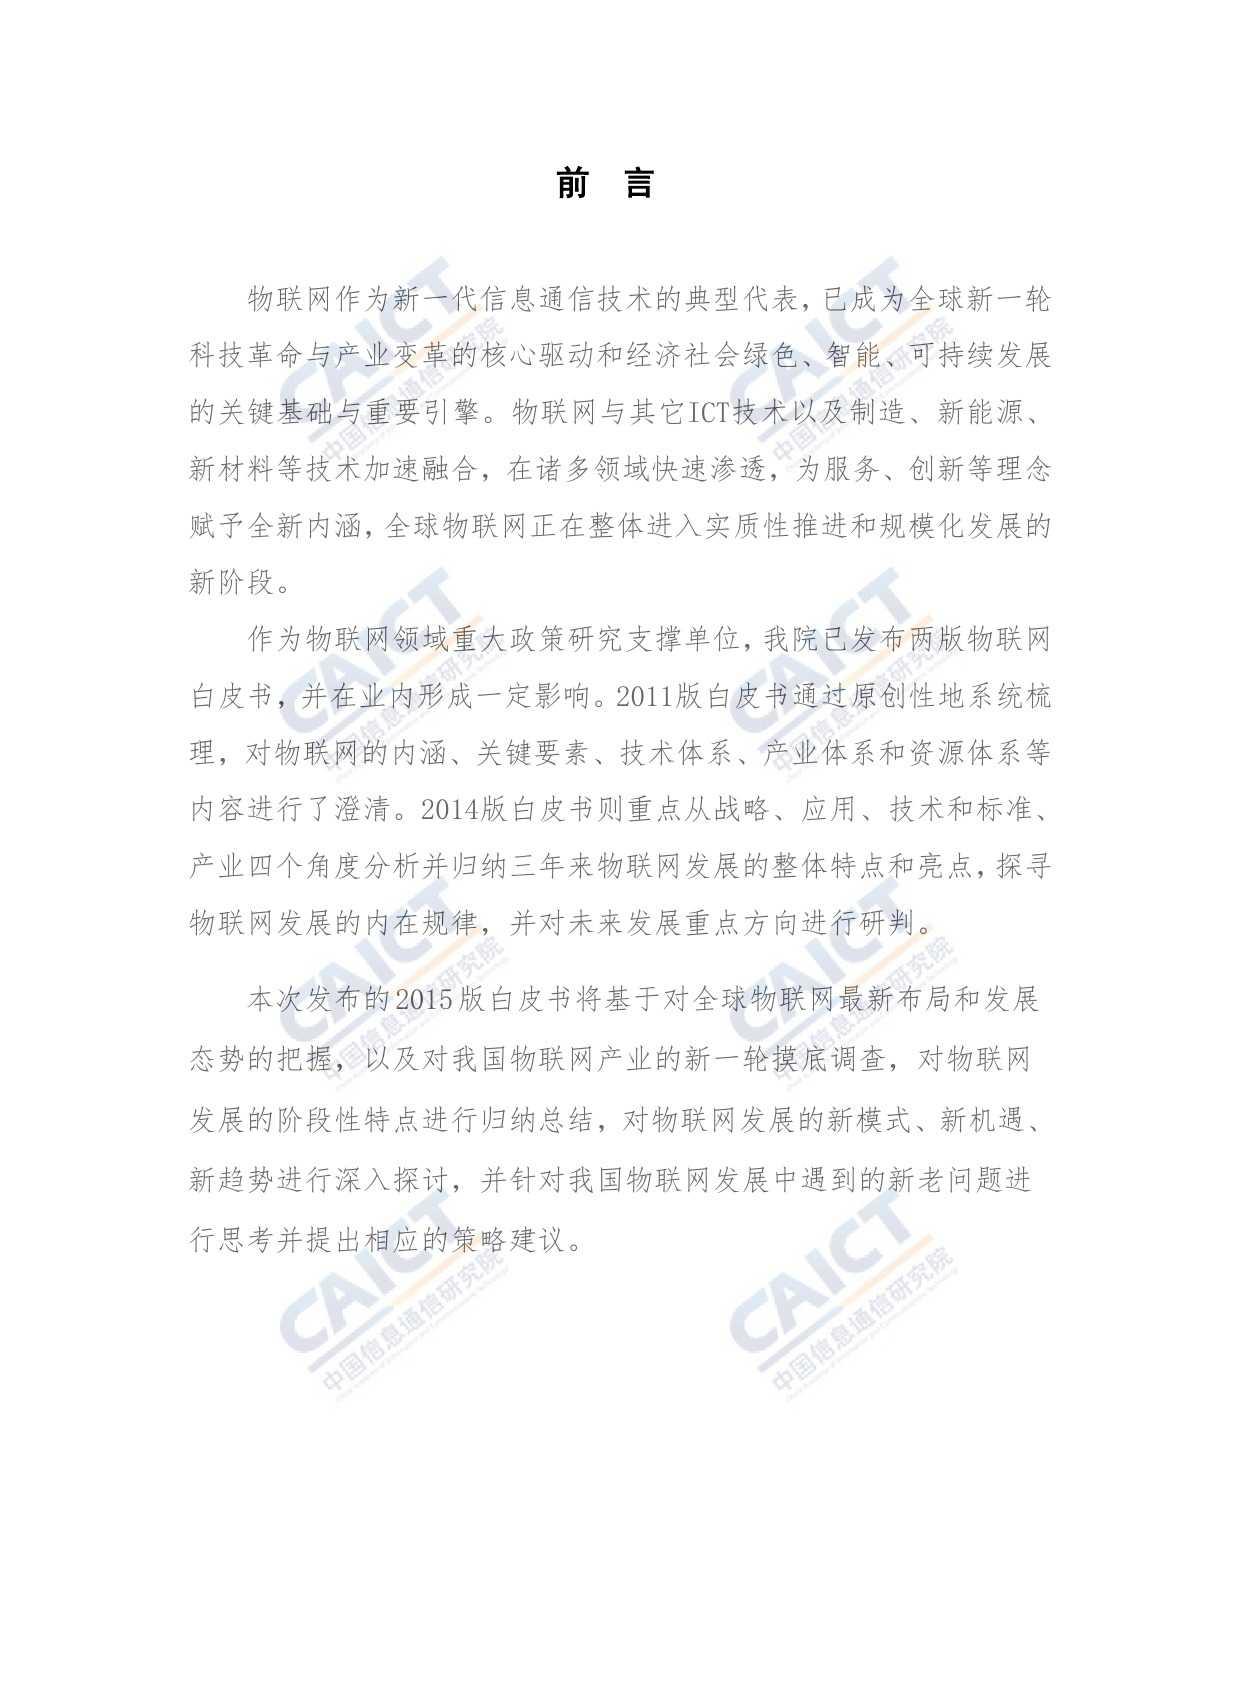 中国信息通信研究院:2015年物联网白皮书_000003